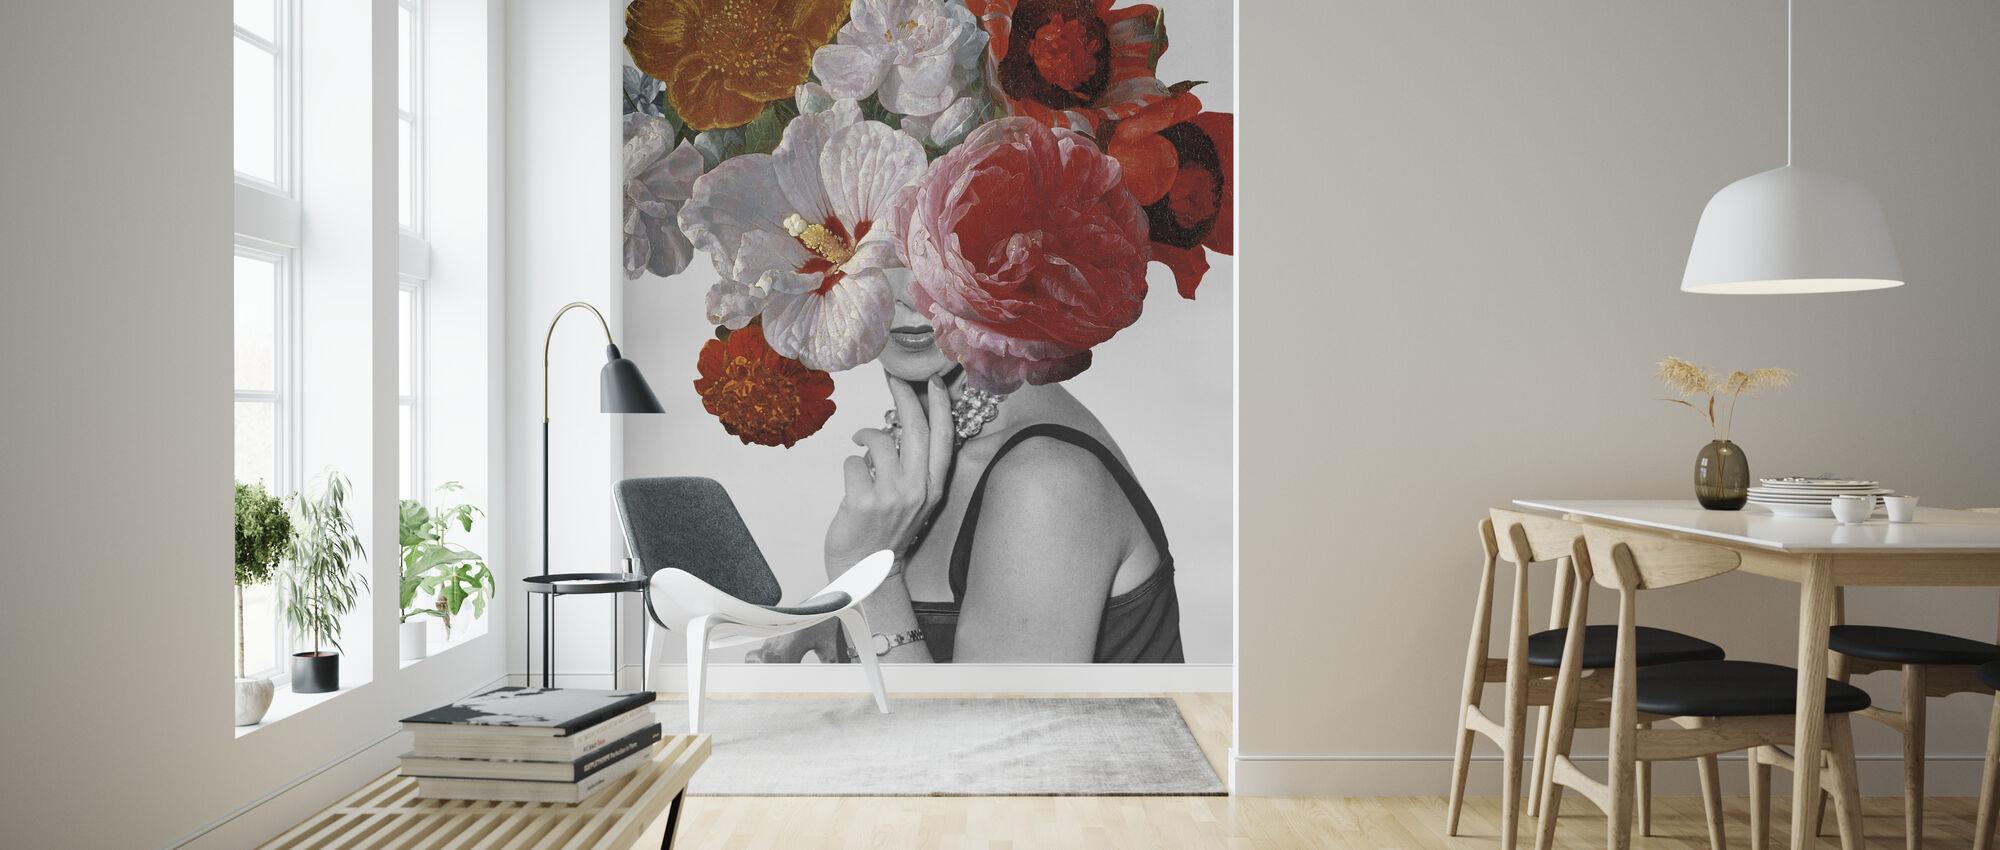 Garden Party II - Wallpaper - Living Room